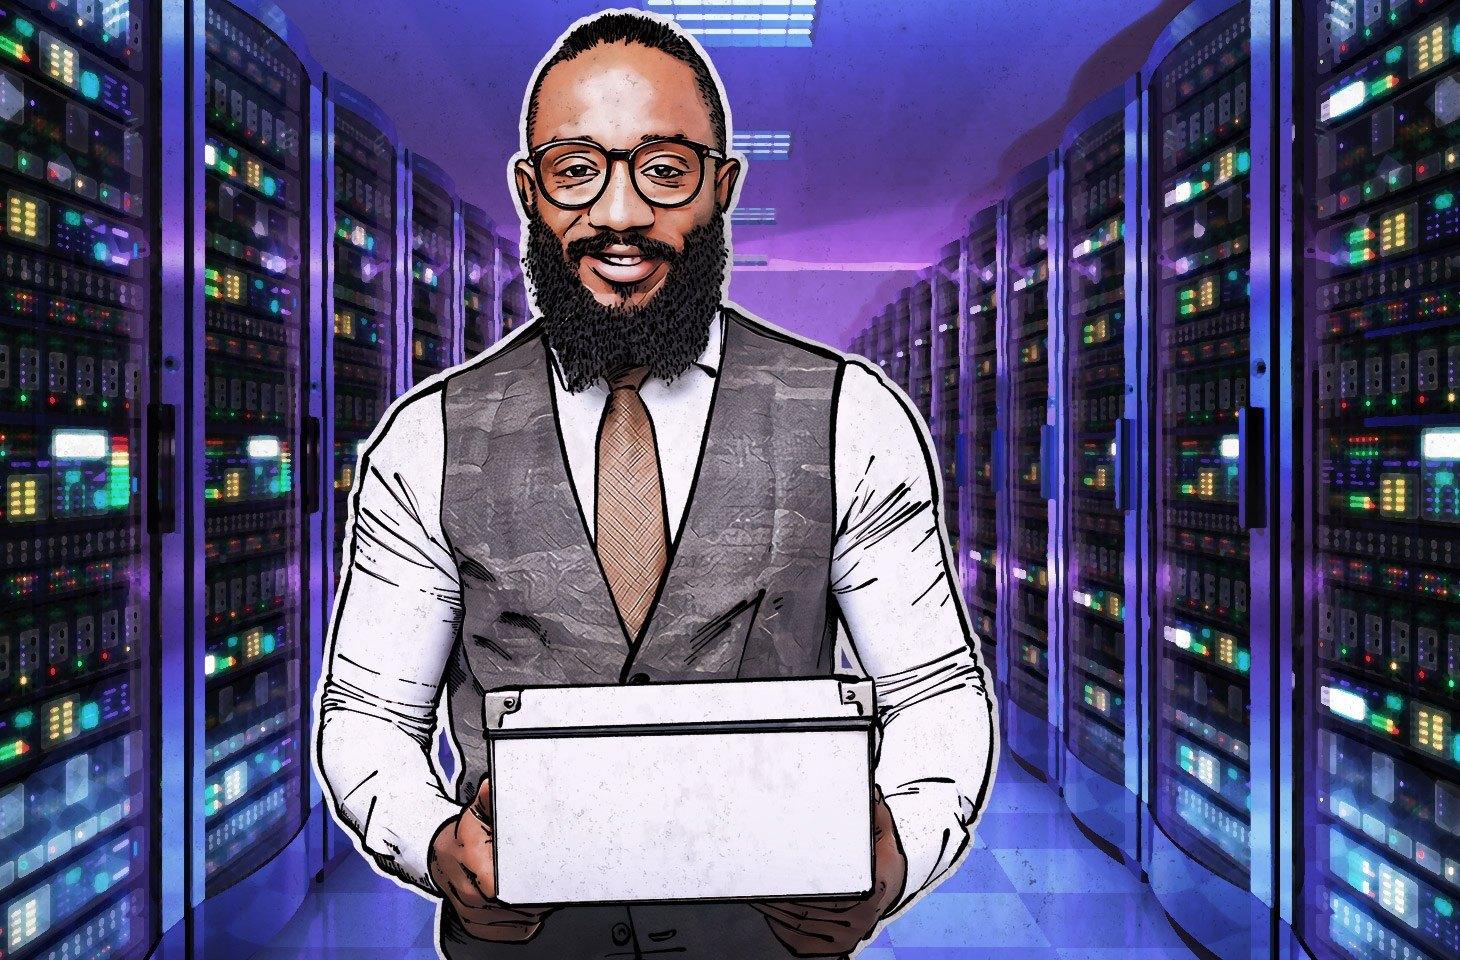 La ciberseguridad pasa a ser fundamental en los servicios informáticos gestionados